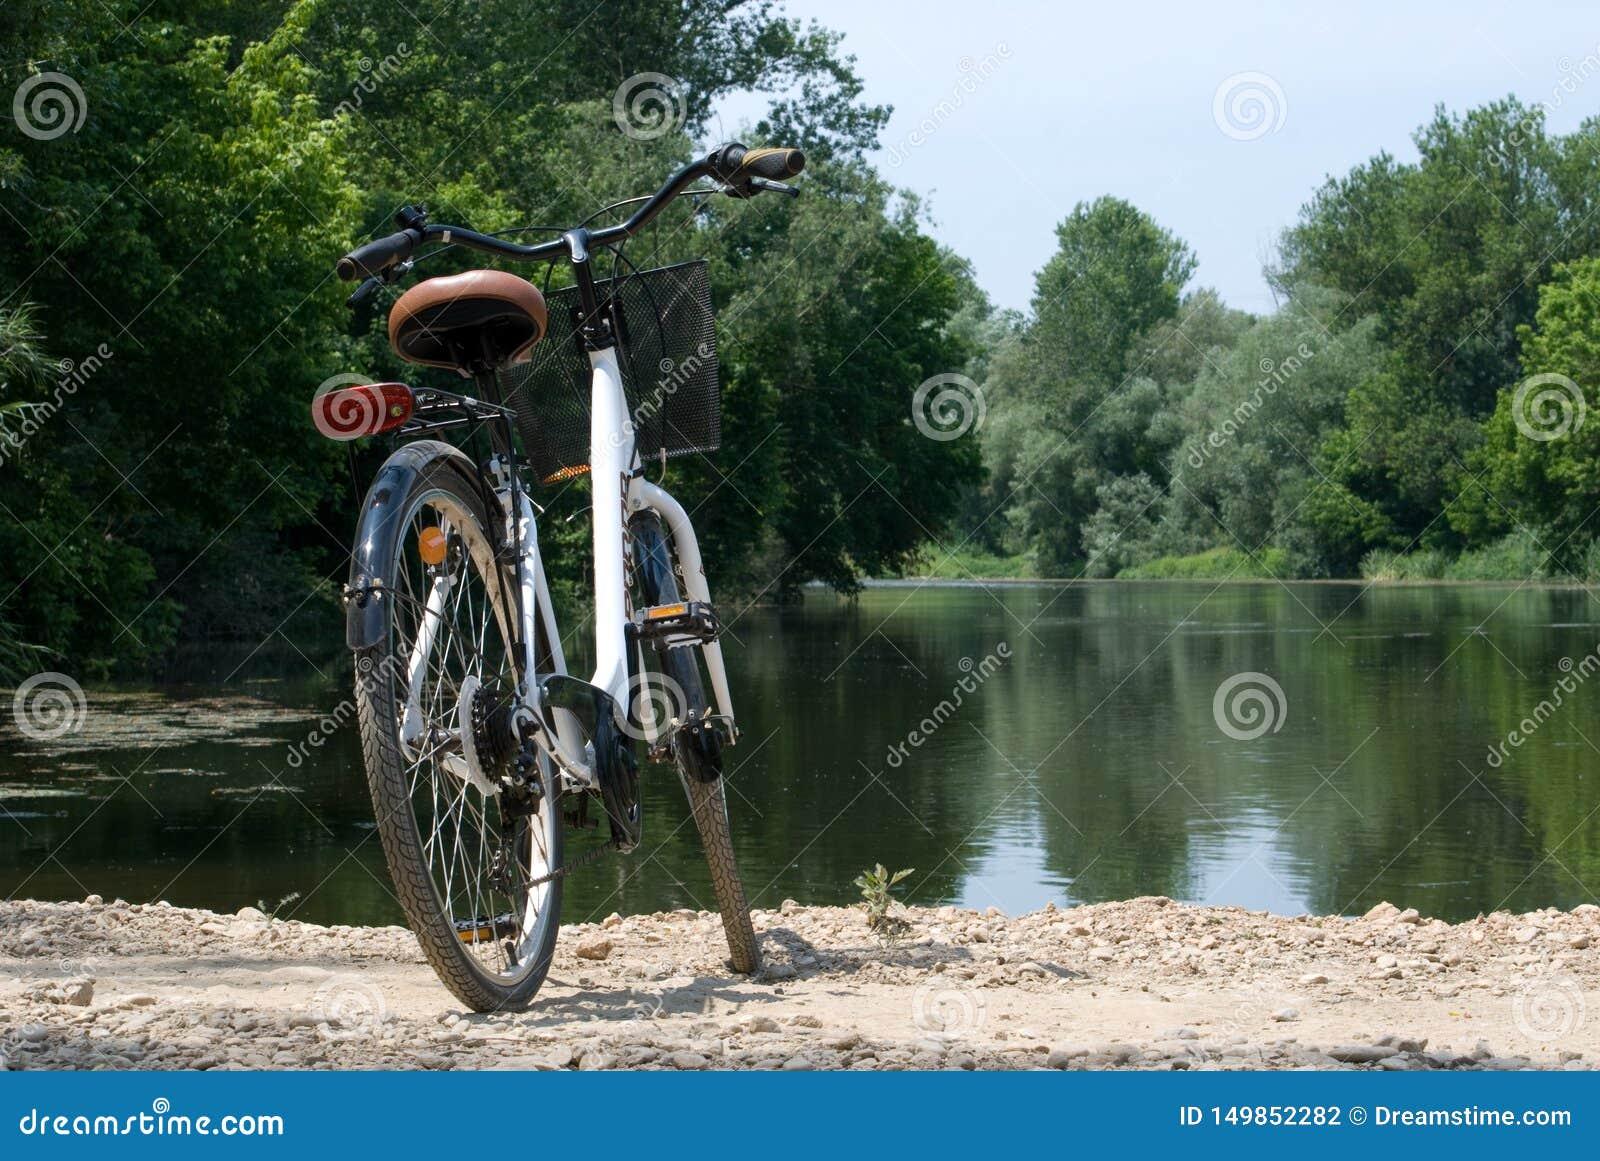 Bordils, Espagne - 3 juin 2019 : Bicyclette dans un paysage de rivière